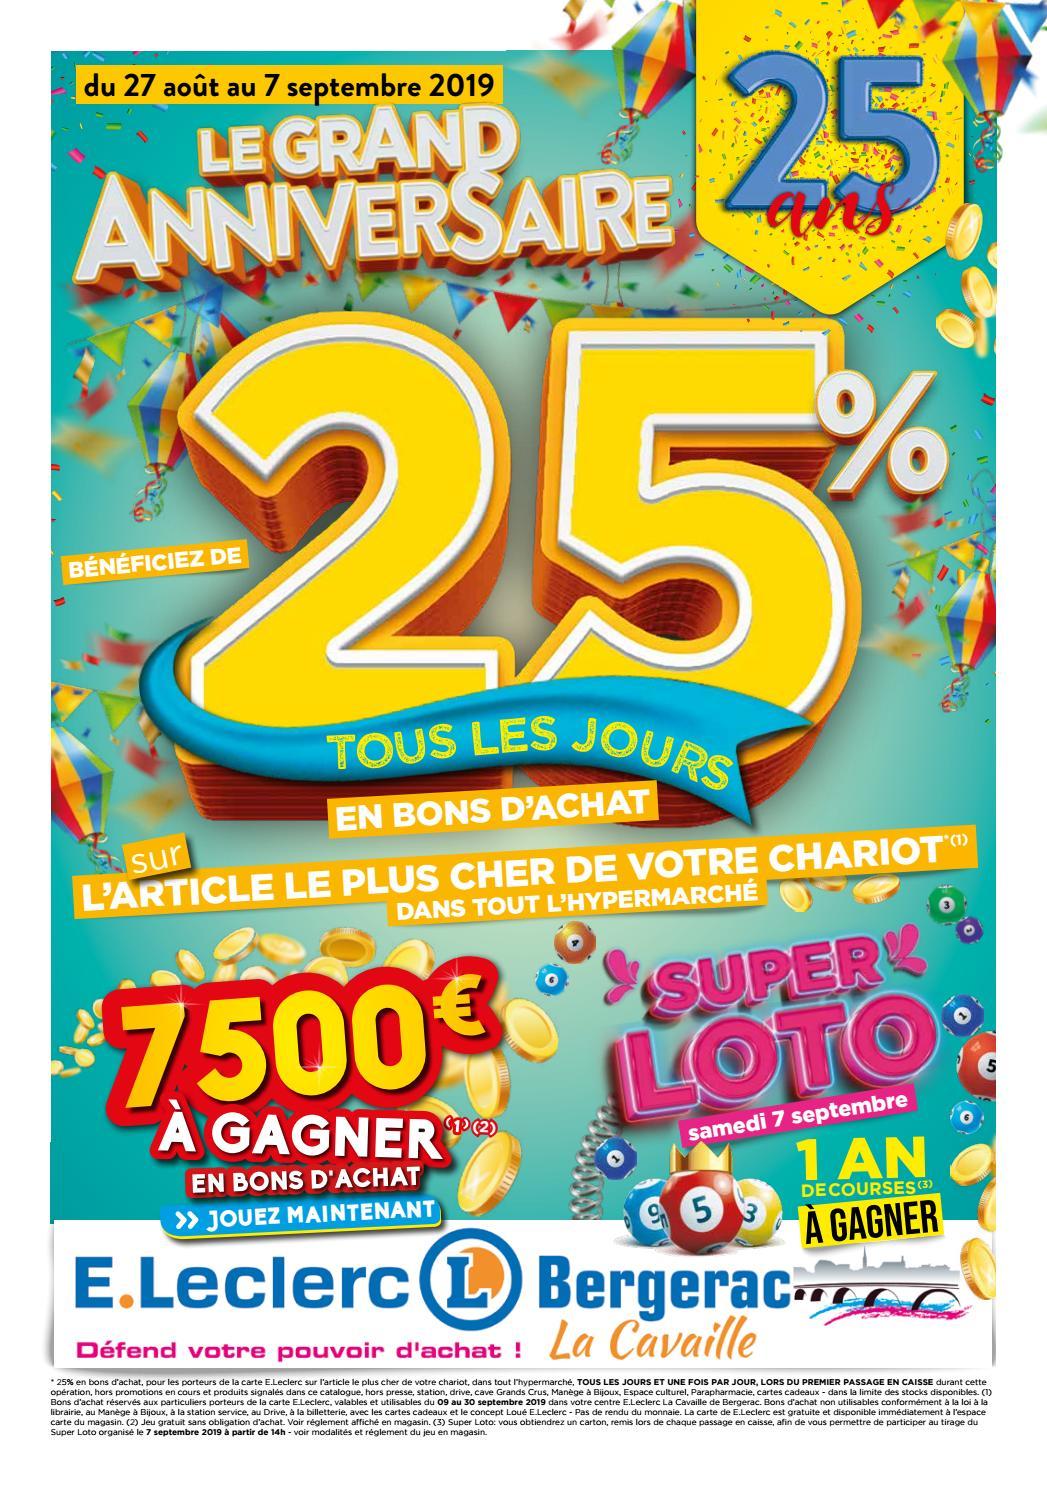 Centre E Leclerc De Bergerac Anniversaire 25 Ans By